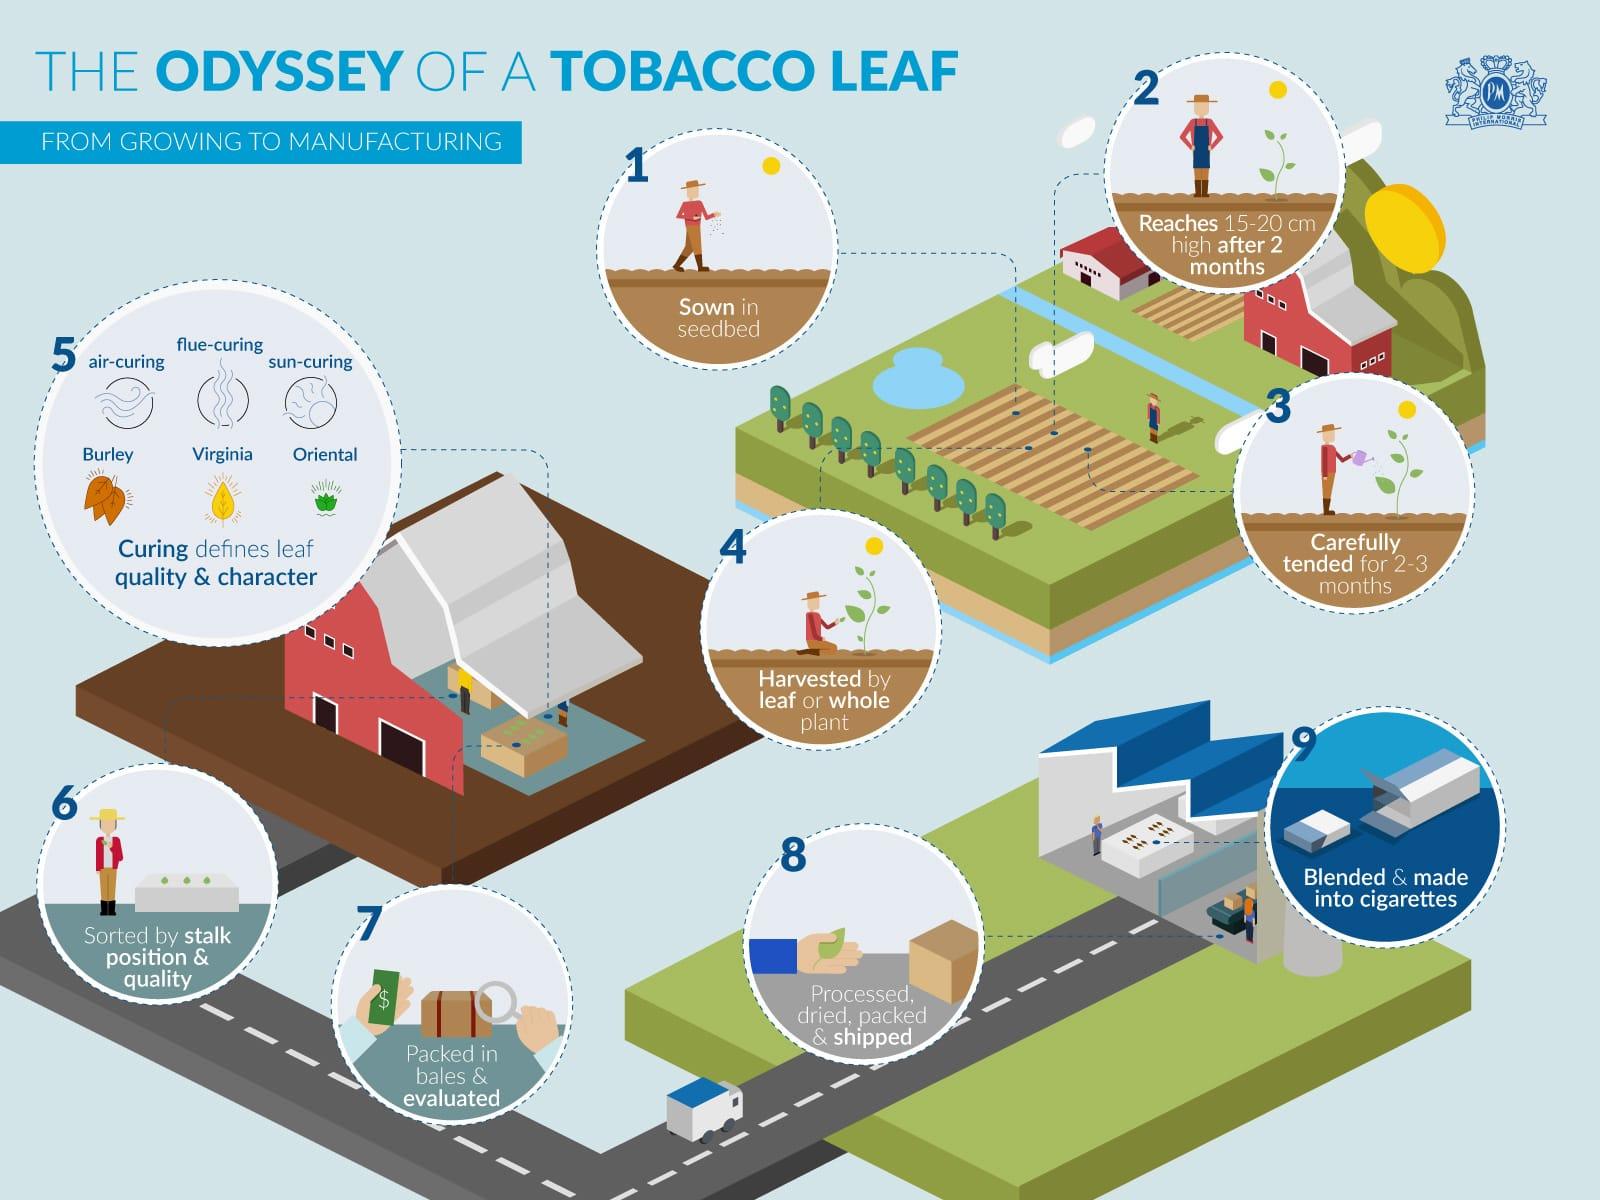 The Odyssey of a Tobacco Leaf